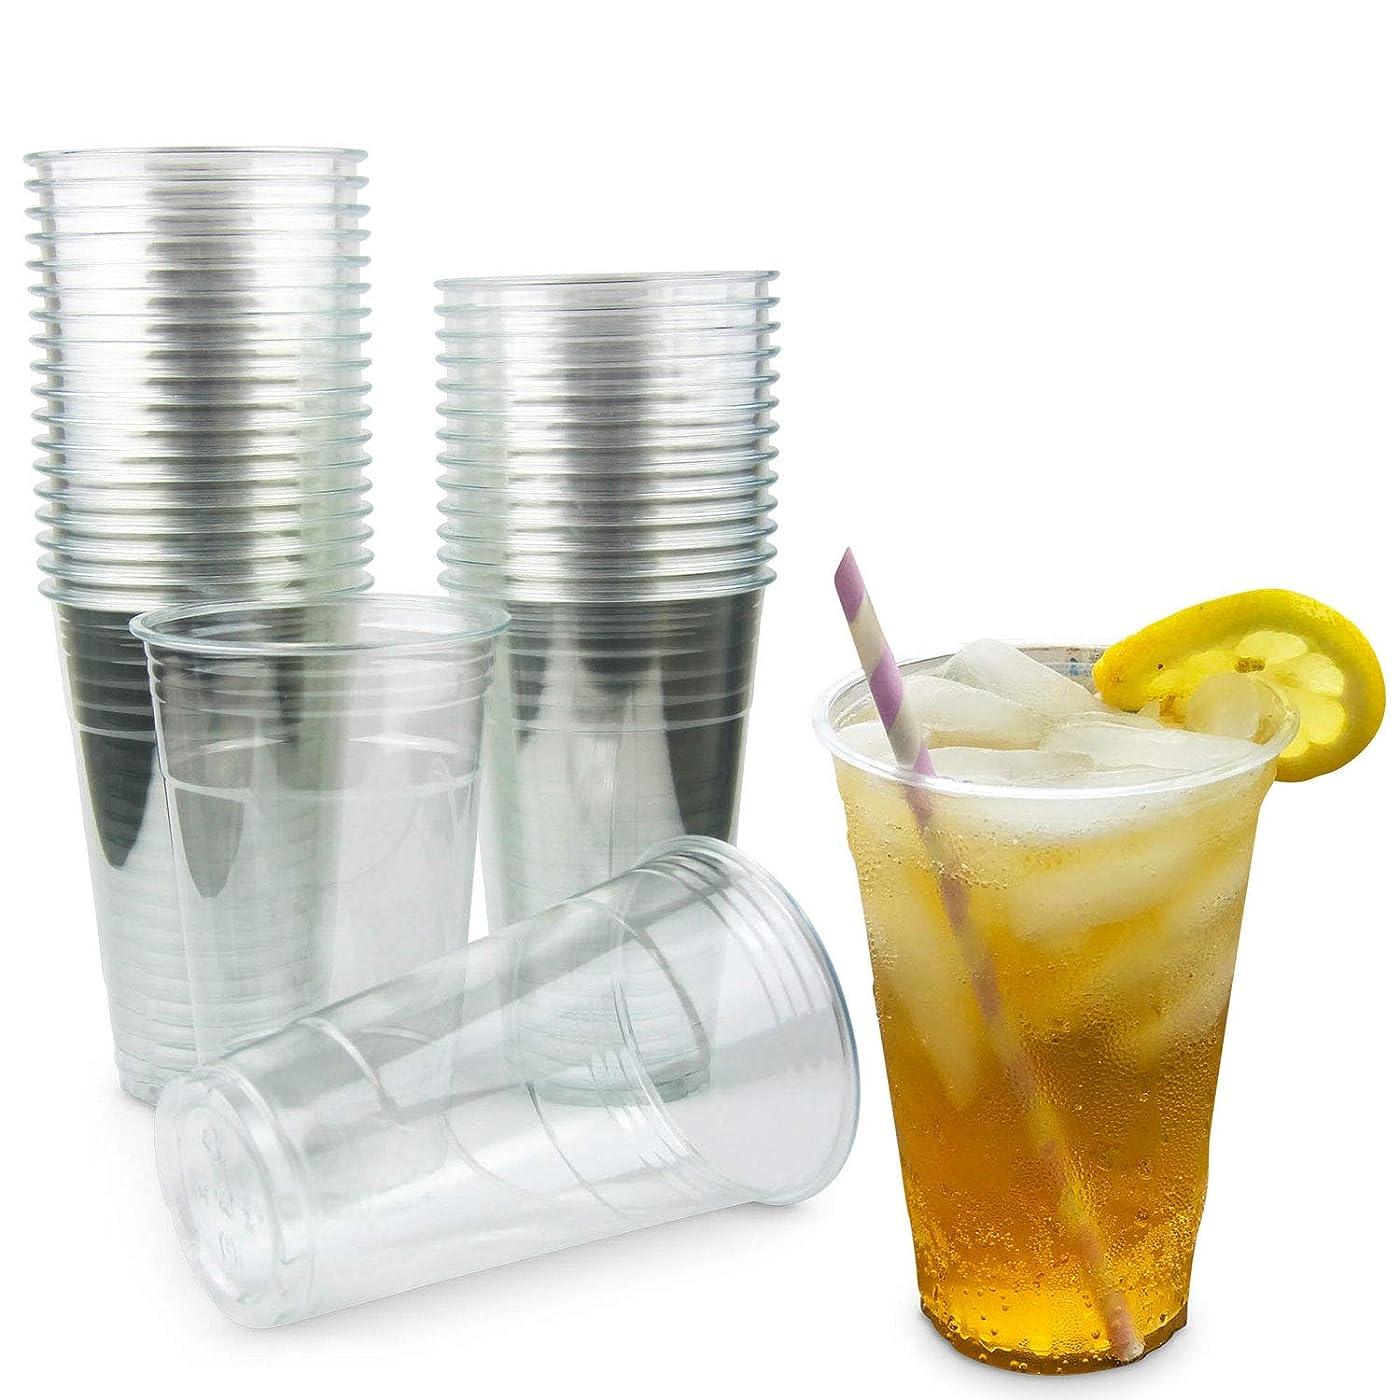 なすとまり木未亡人20オンス クリアプラスチックカップ - アイスドリンクコーヒー ティー ジュース スムージー バブルボバ フラッププシノ 使い捨て Lサイズ ふたなし [100パック]